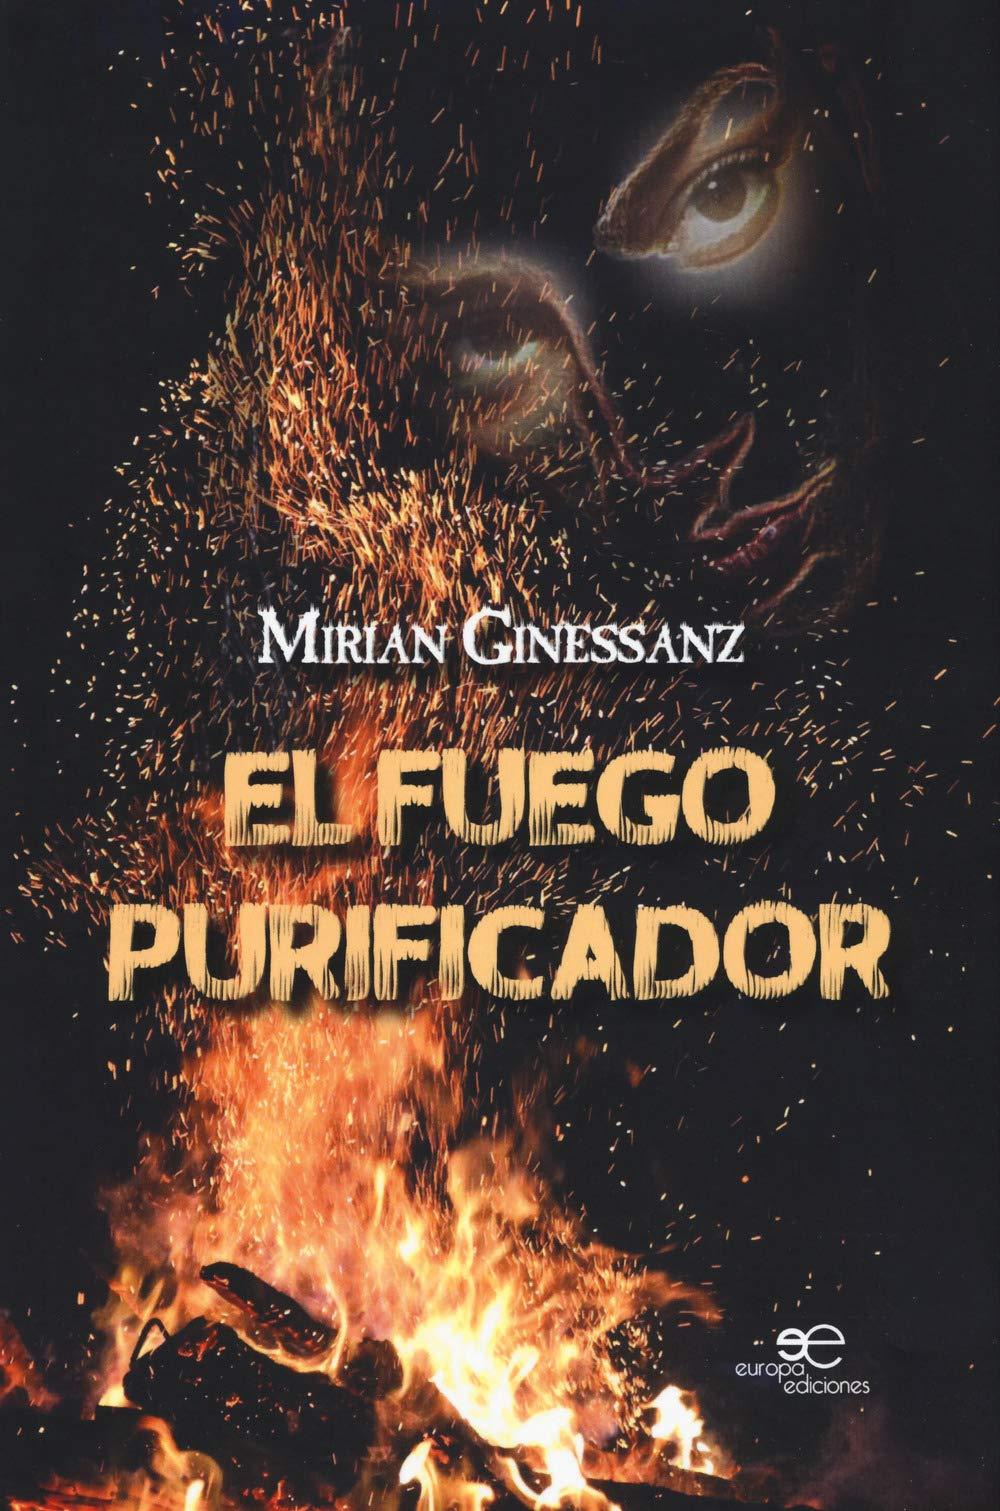 El fuego purificador (Edificar Universos): Amazon.es: Ginessanz ...